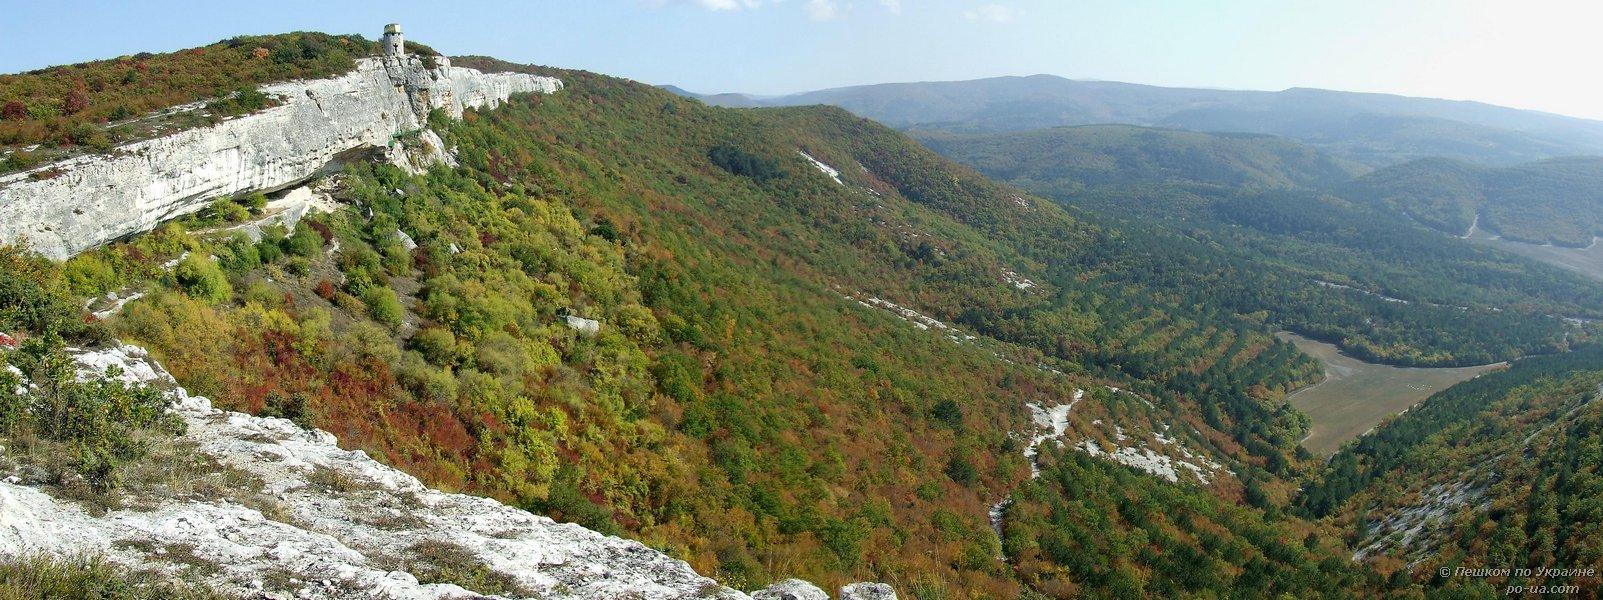 Панорама с плато. Монастырь Шулдан